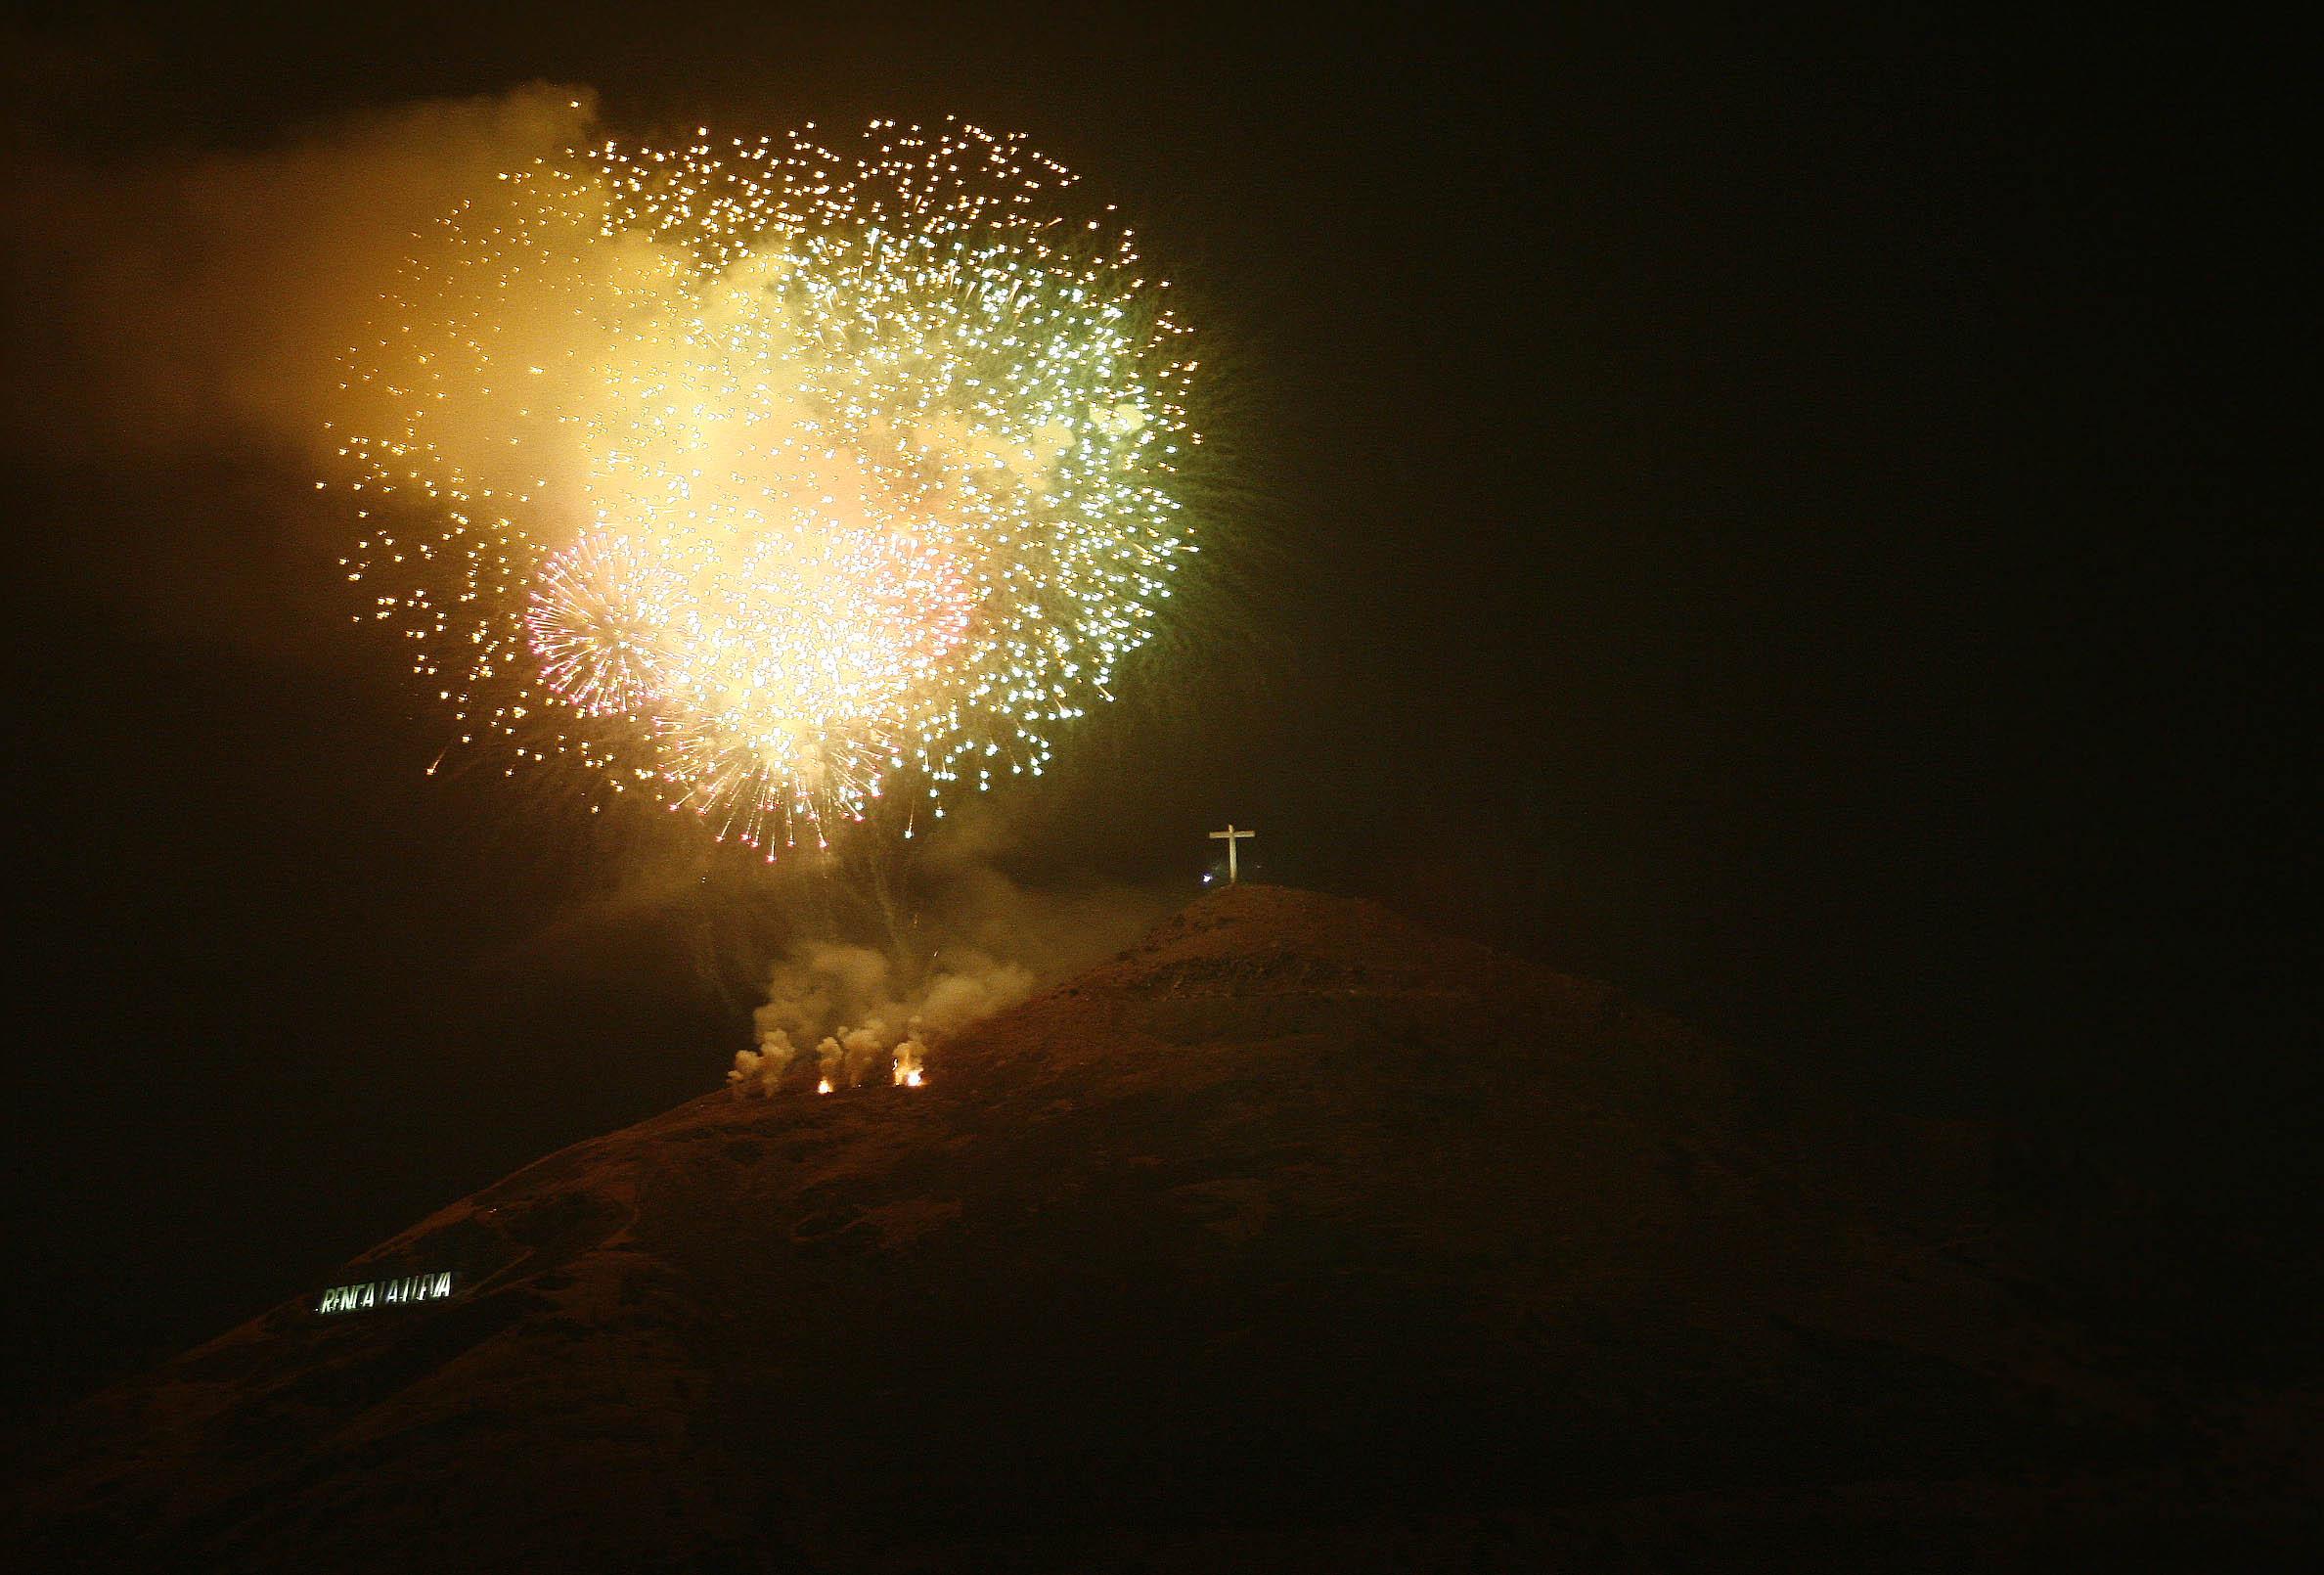 Amago De Incendio Se Registro En Cerro Renca Tras Lanzamiento De